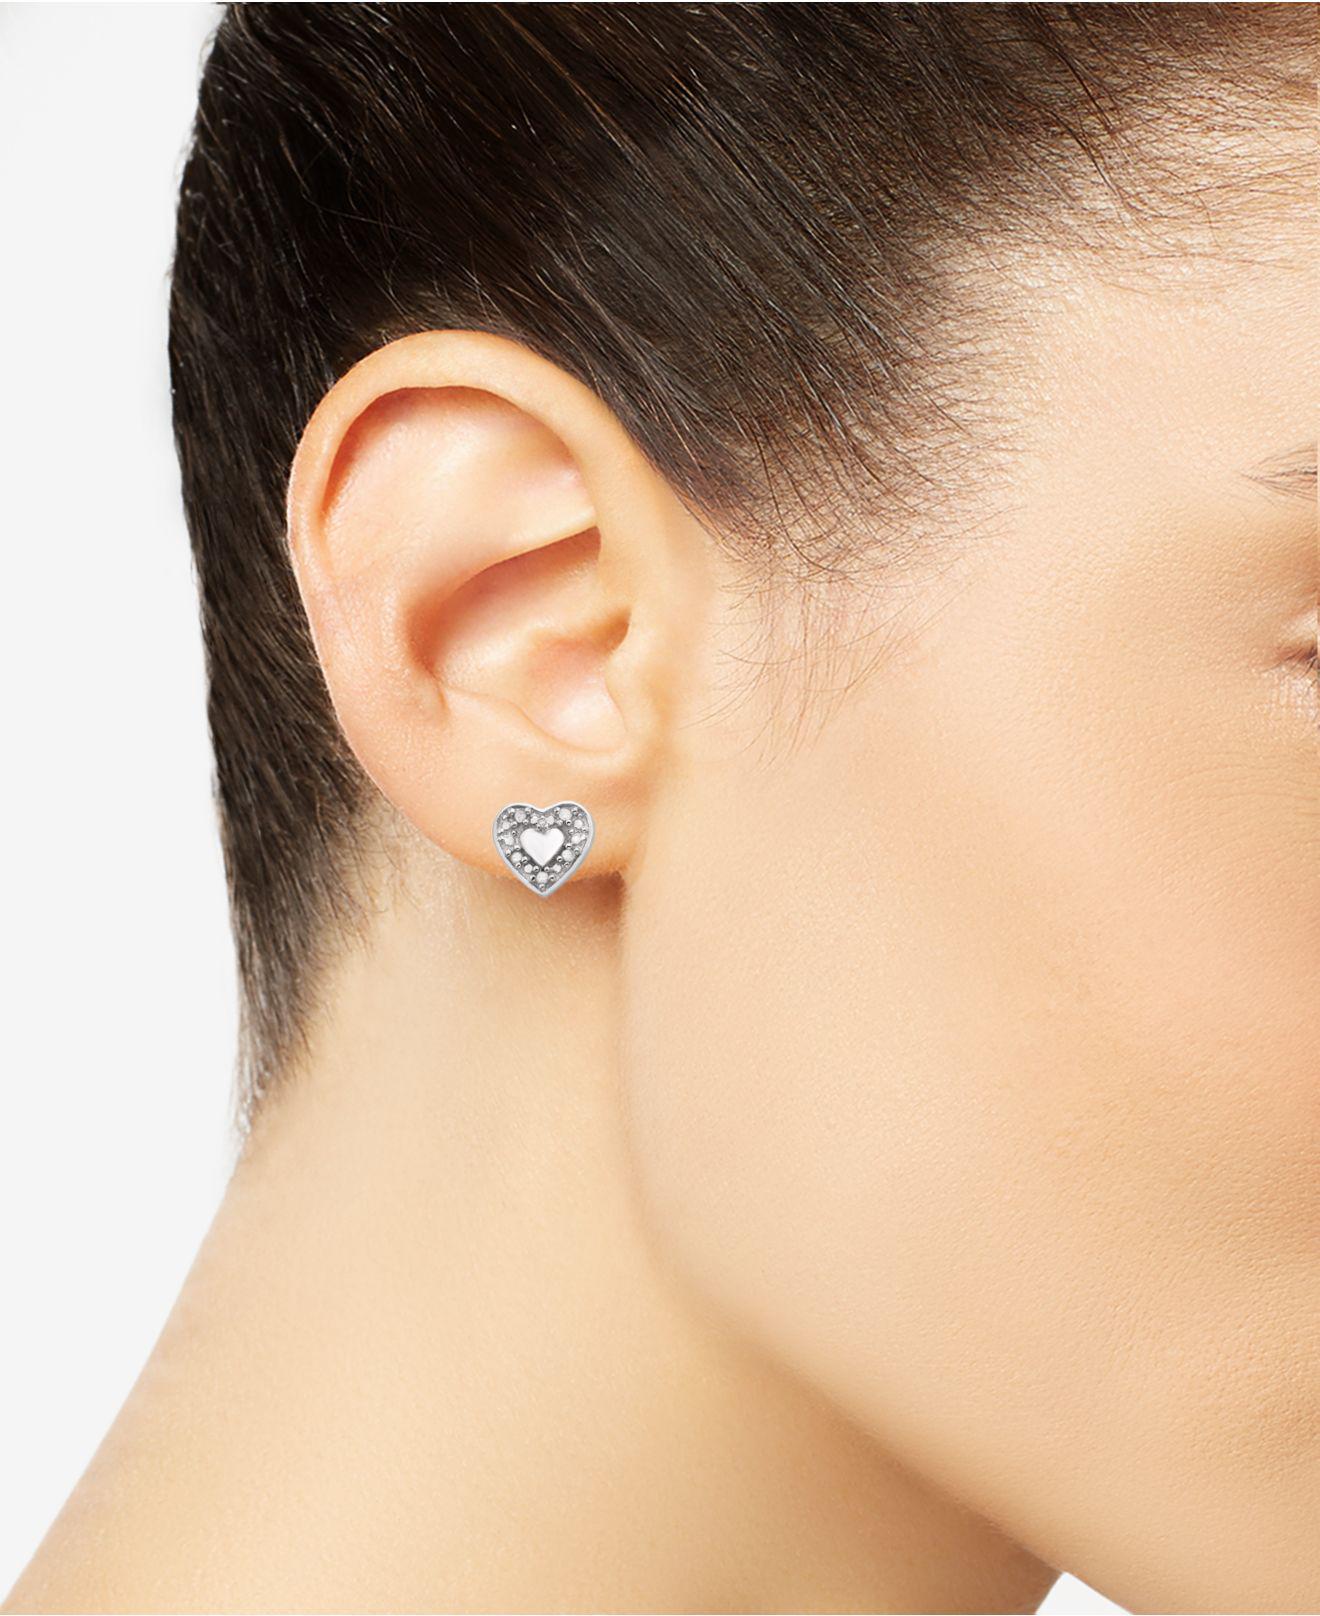 Women S Metallic Diamond Heart Stud Earrings 1 10 Ct T W In Sterling Silver